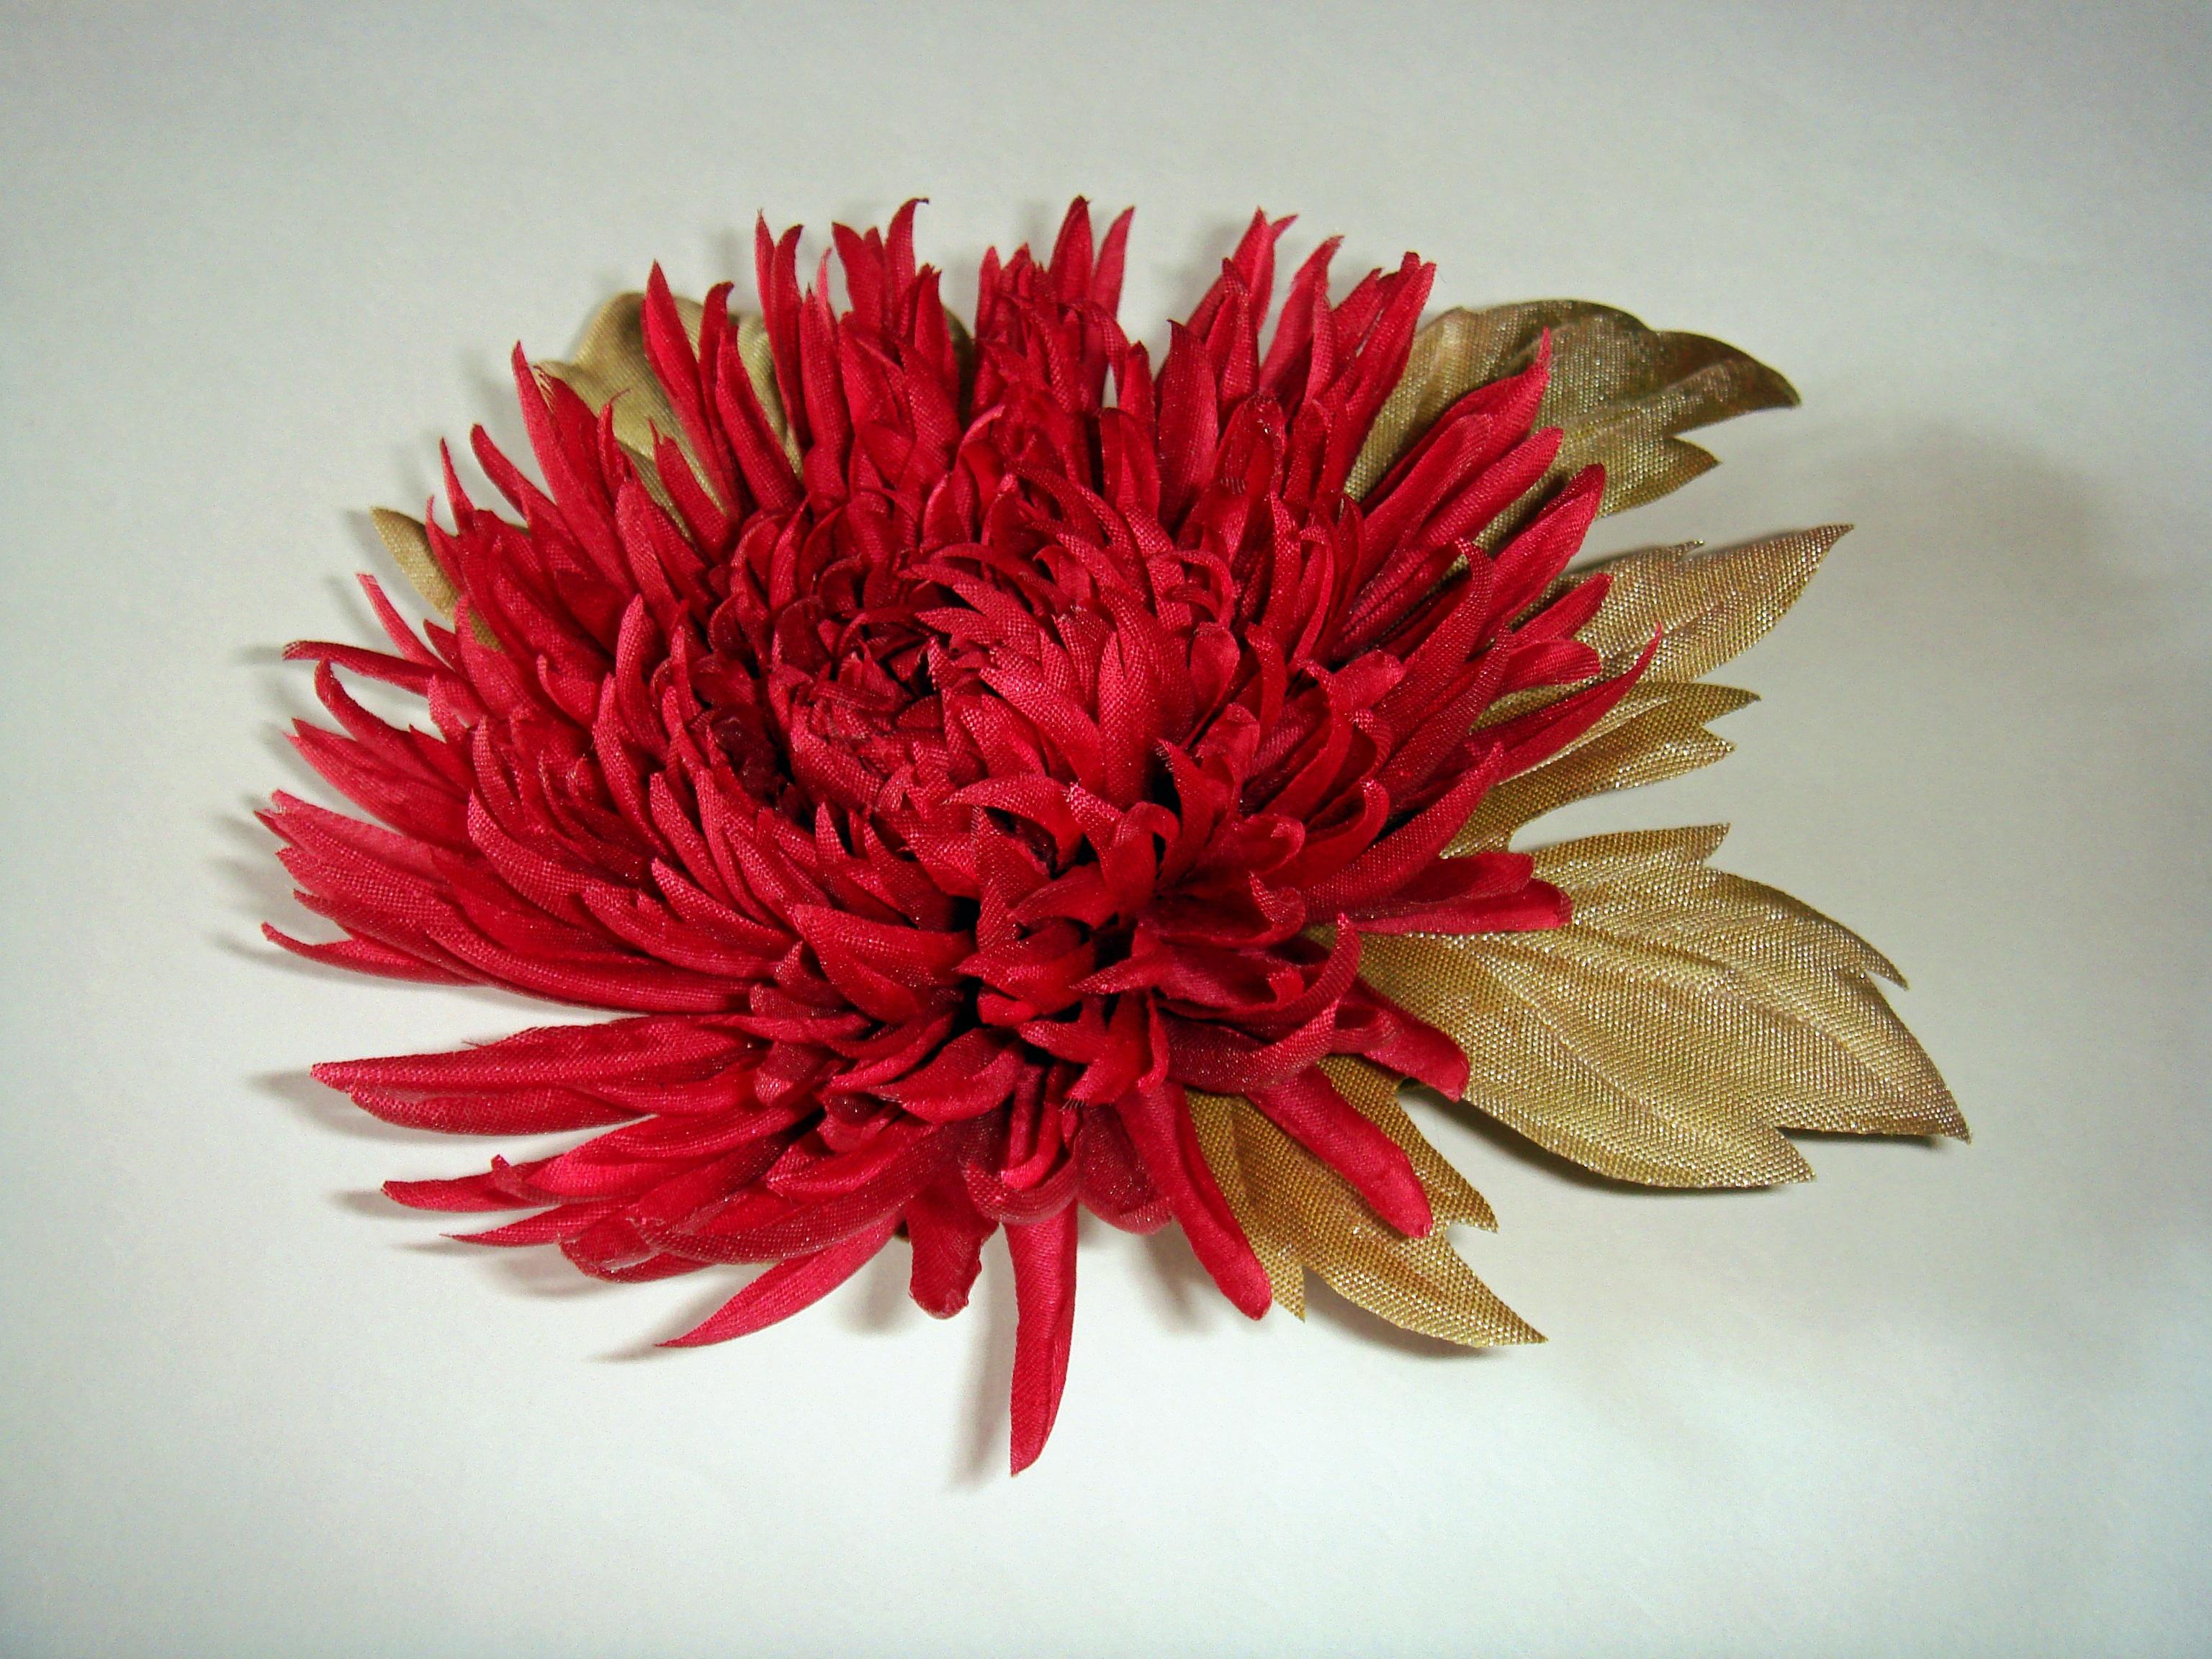 ...москва. заказать букет цветов на день матери срочная доставка ковров.